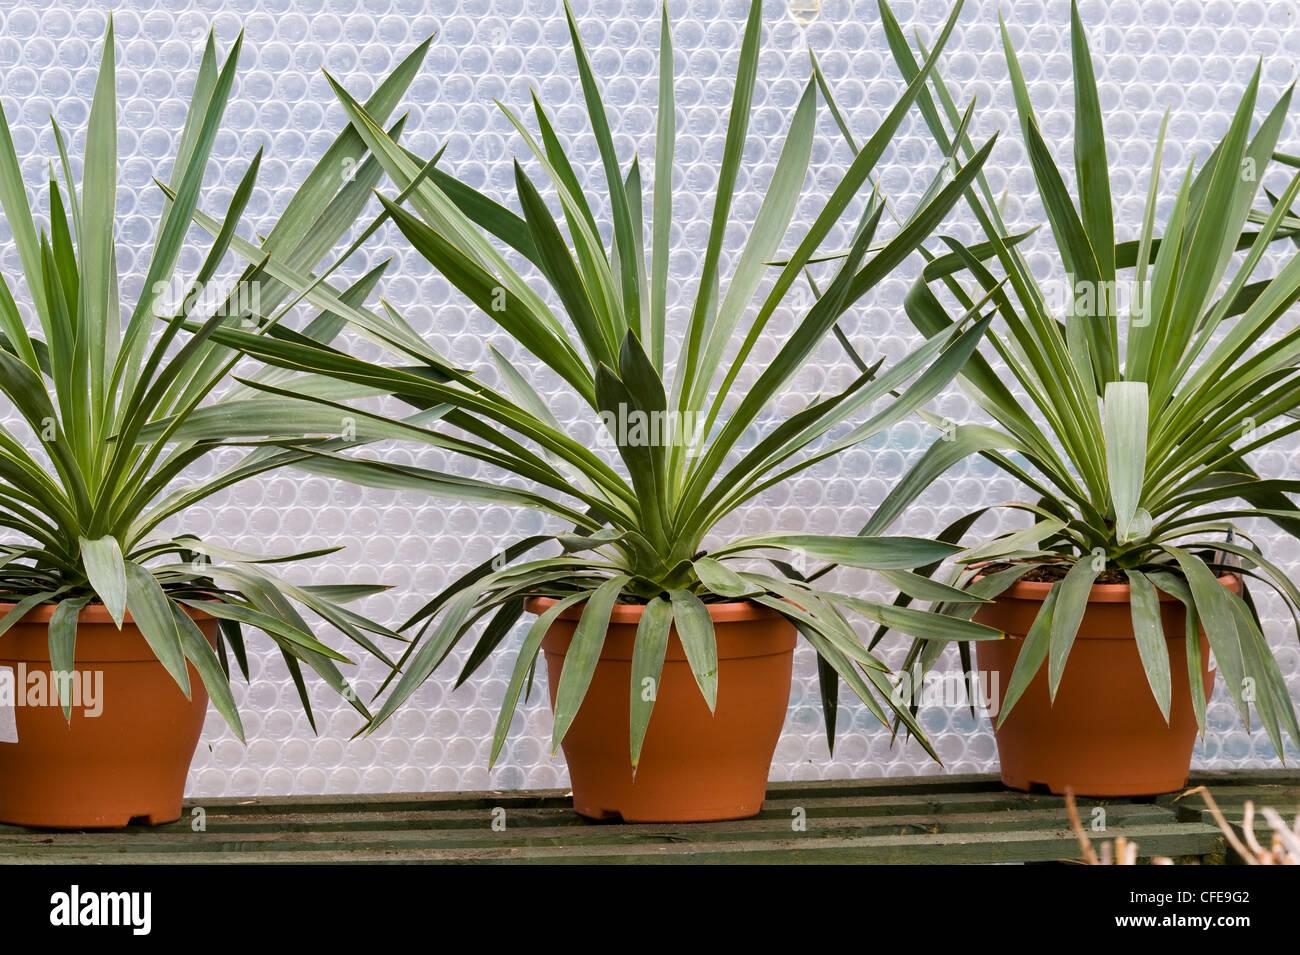 Yucca Gloriosa Überwinterung im Gewächshaus vor der Kälte geschützt und isoliert mit Luftpolster Stockbild